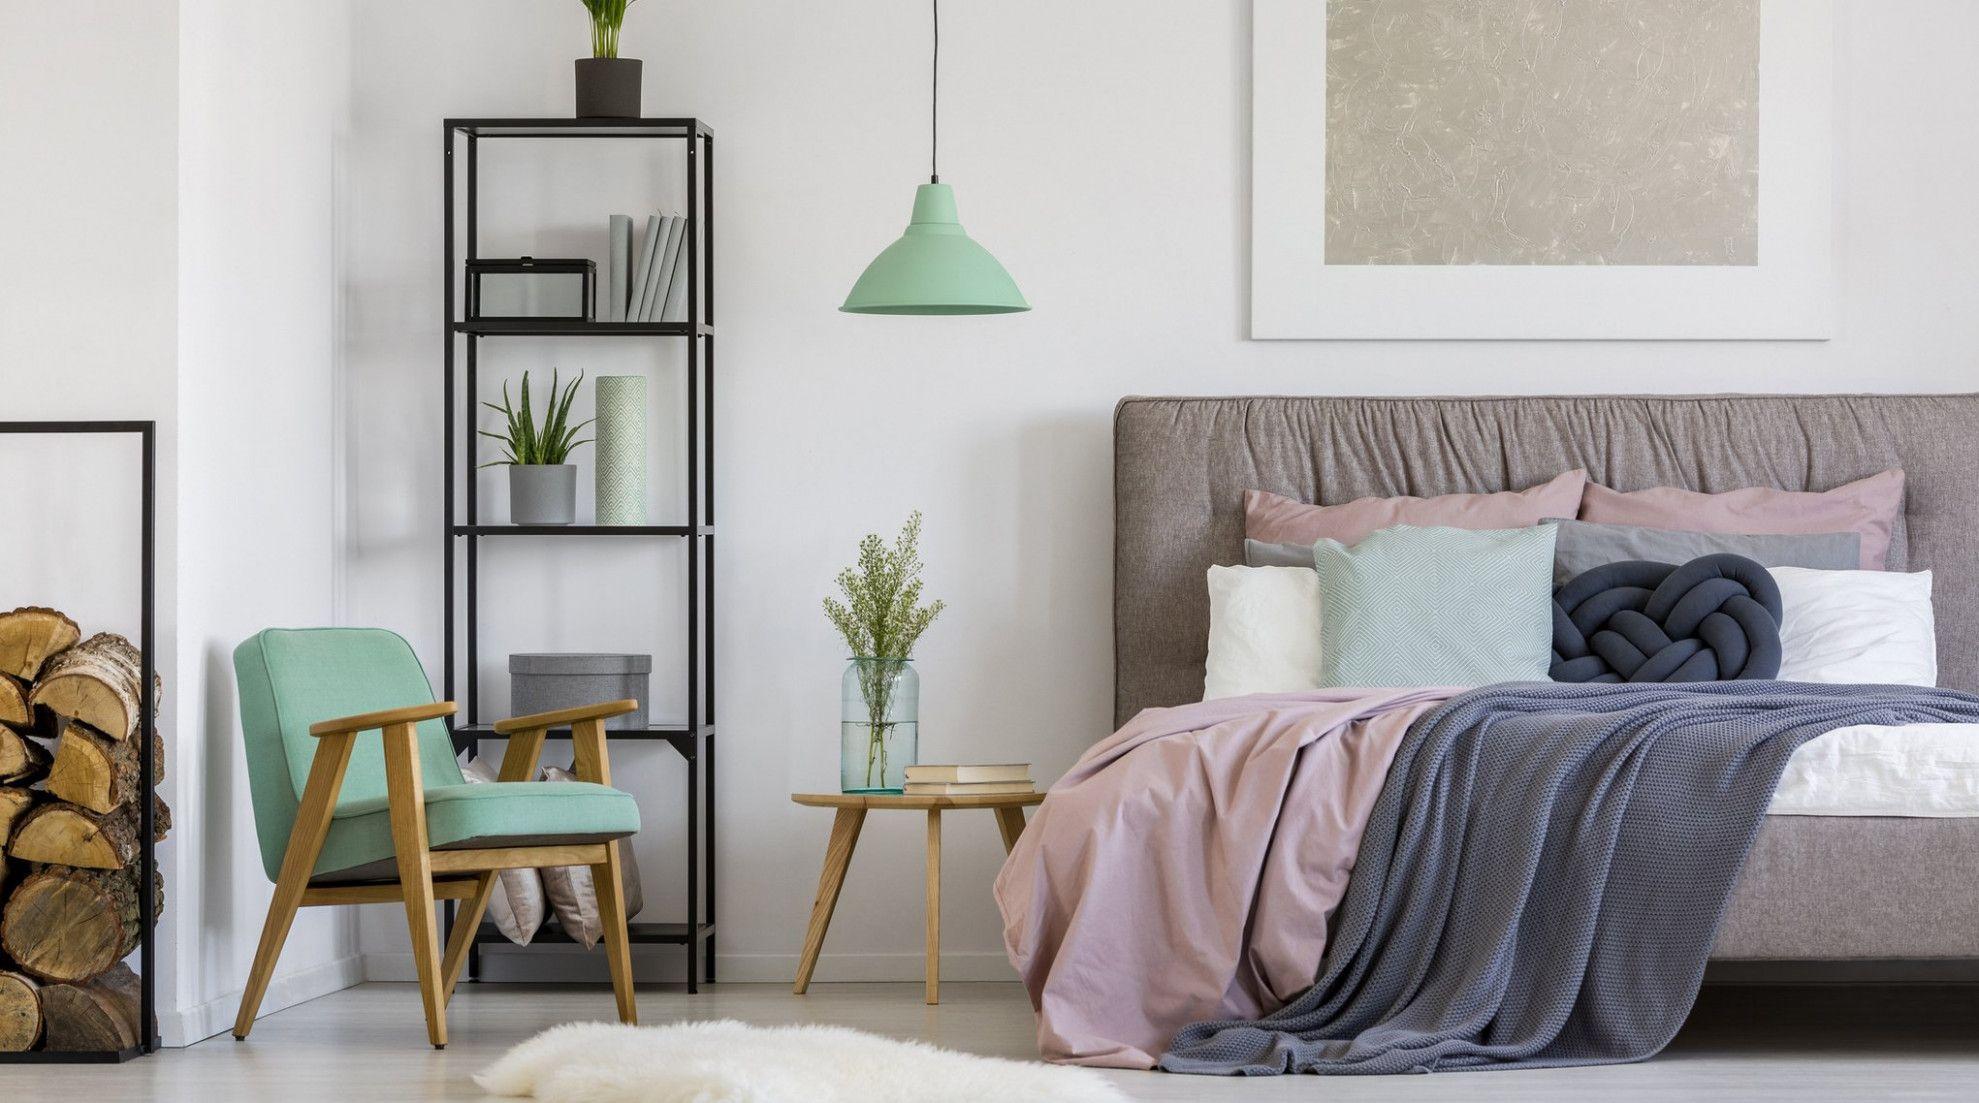 13 Entscheidende Deko Farben In 2020 Schlafzimmer Deko Schlafzimmer Dekorieren Deko Ideen Schlafzimmer